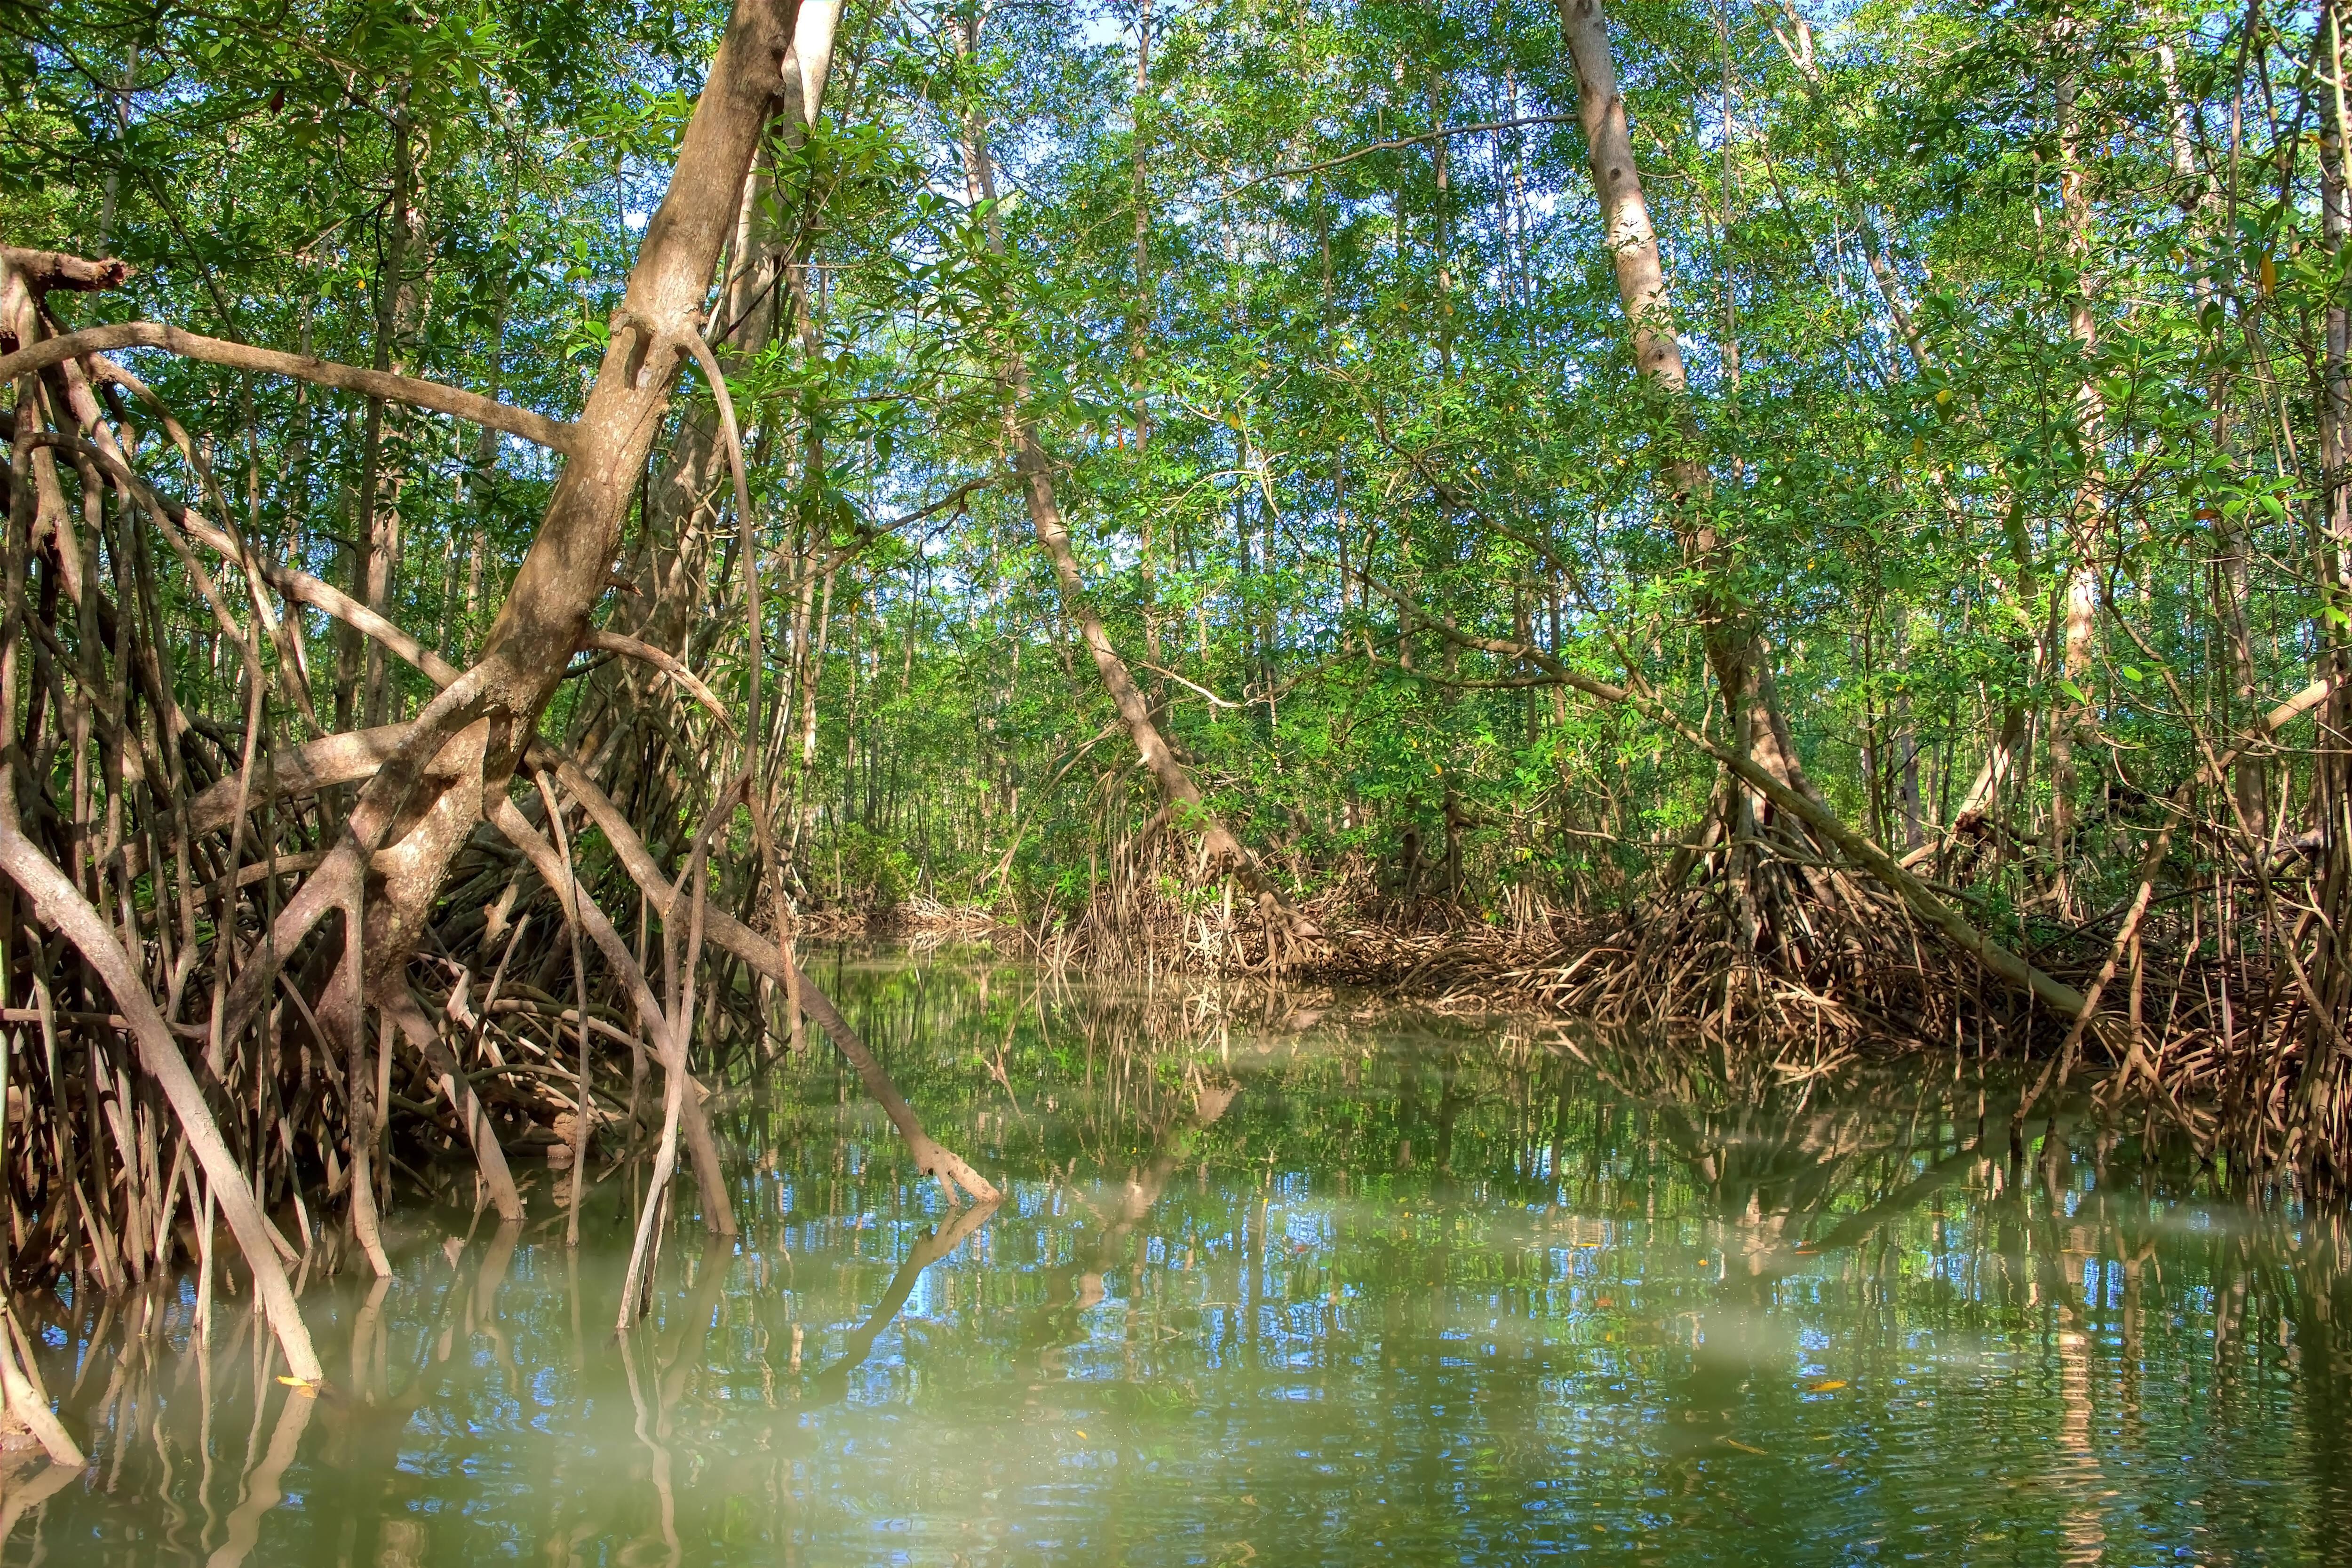 Os manguezais são parte integral da biodiversidade costarriquenha, e abrigam as mais variadas espécies. Foto: shutterstock